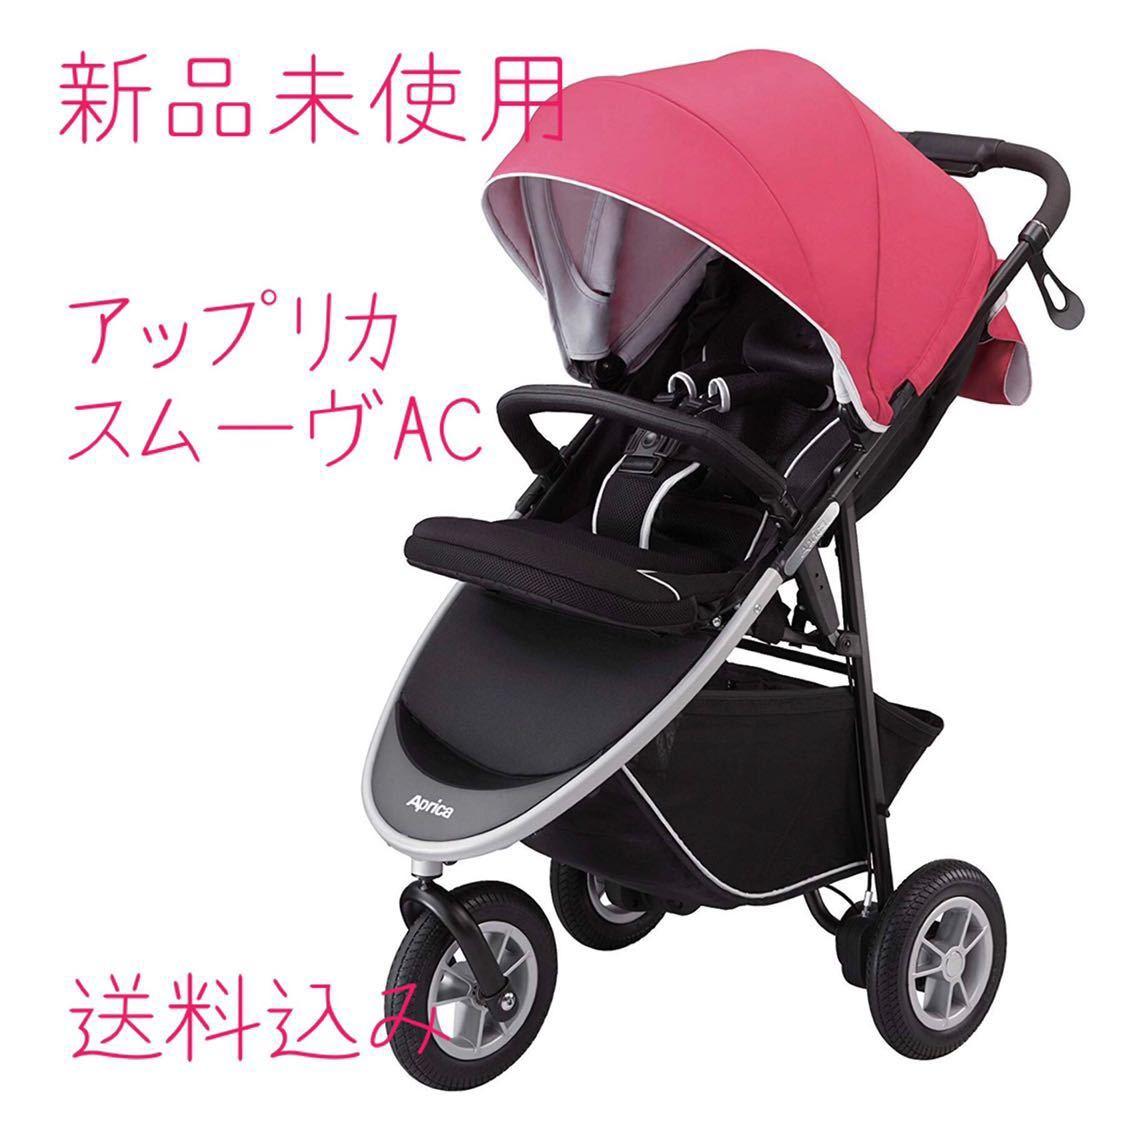 【新品】 スムーヴAC アップリカ ベビーカー ピンク